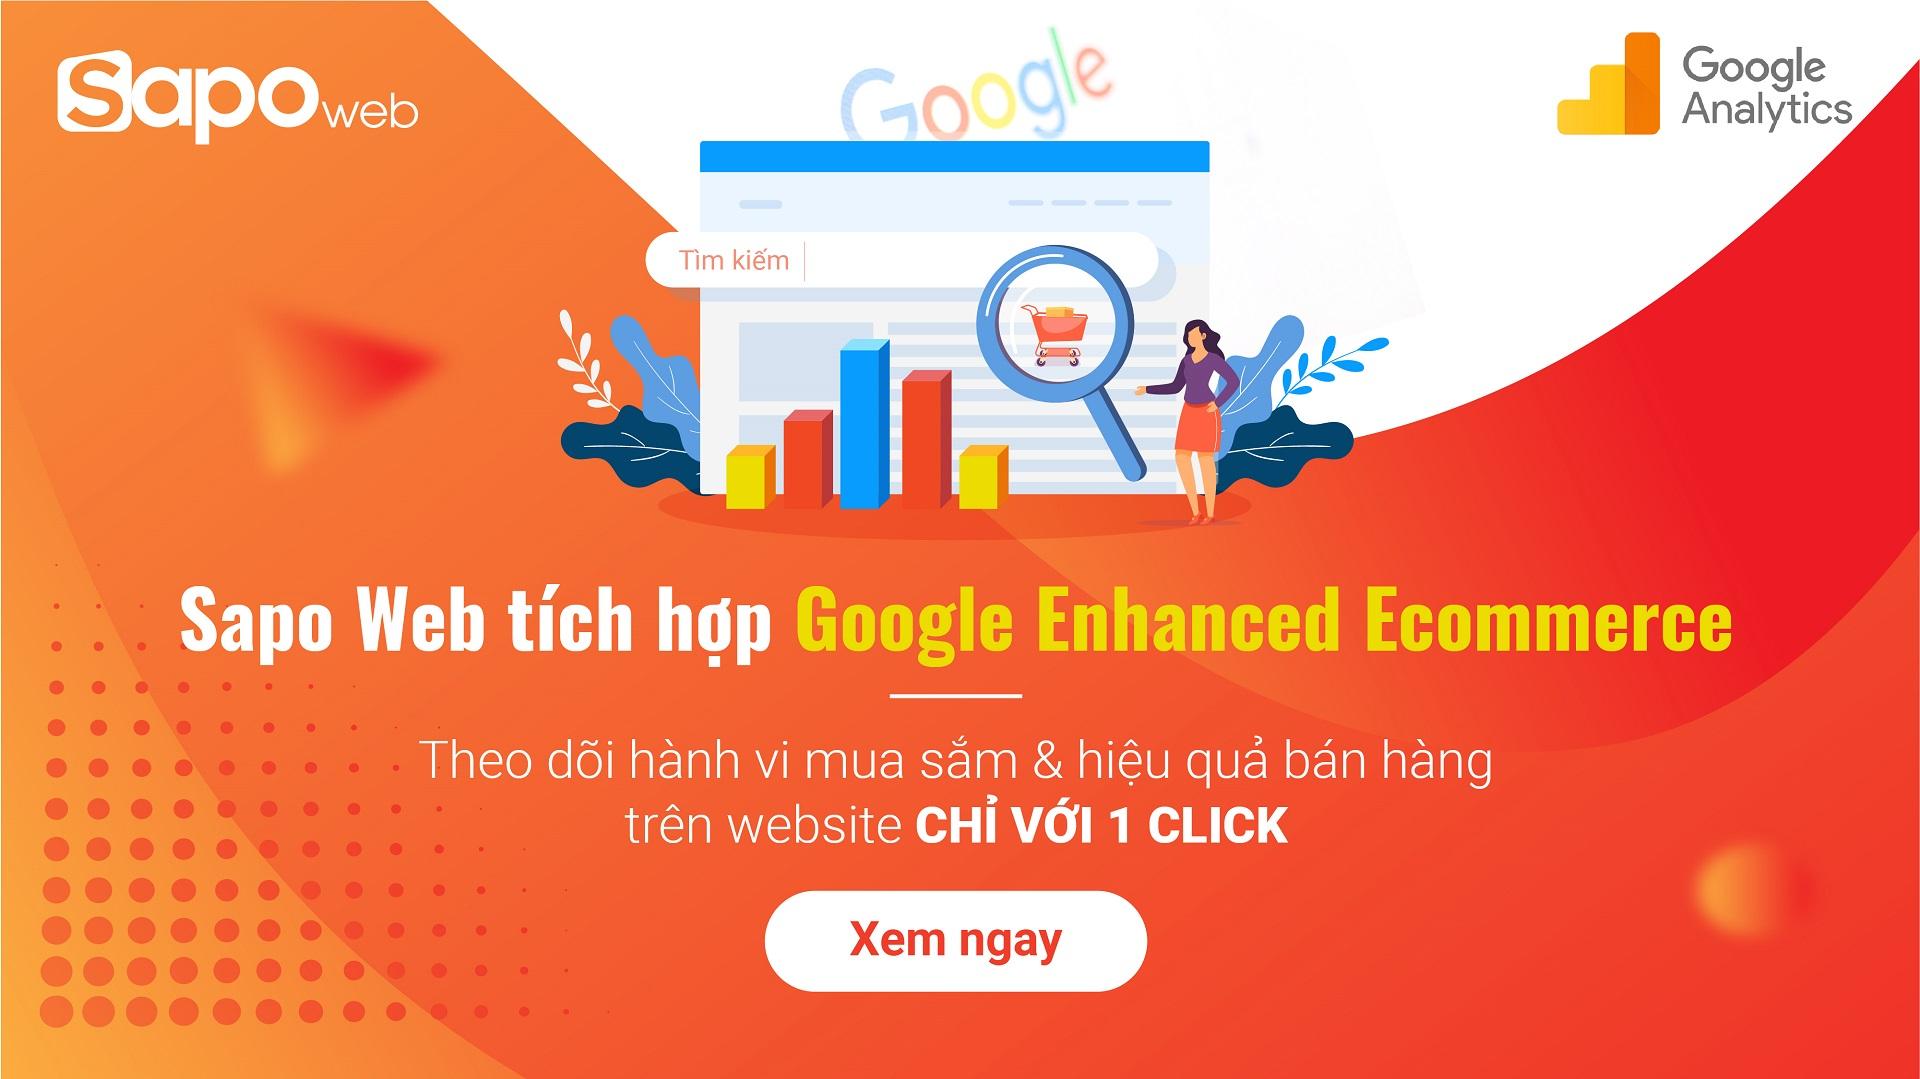 Sapo tích hợp Google Enhanced Ecommerce: Hỗ trợ chủ shop bán hàng trên website hiệu quả